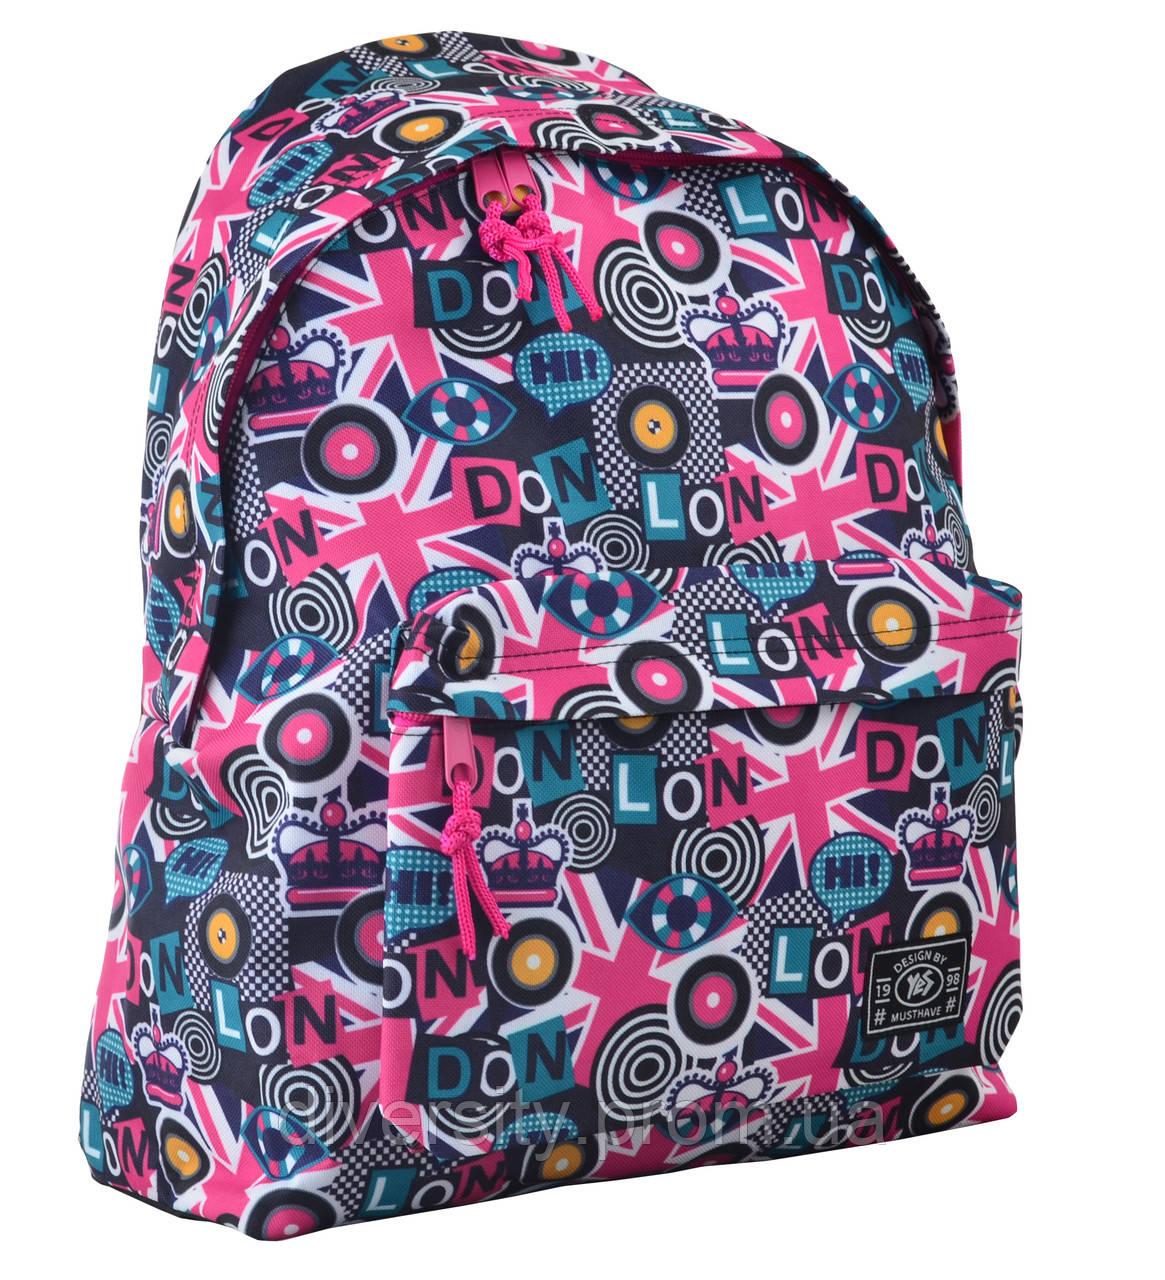 Молодежный рюкзак YES  ST-17 Crazy London, 42*32*12